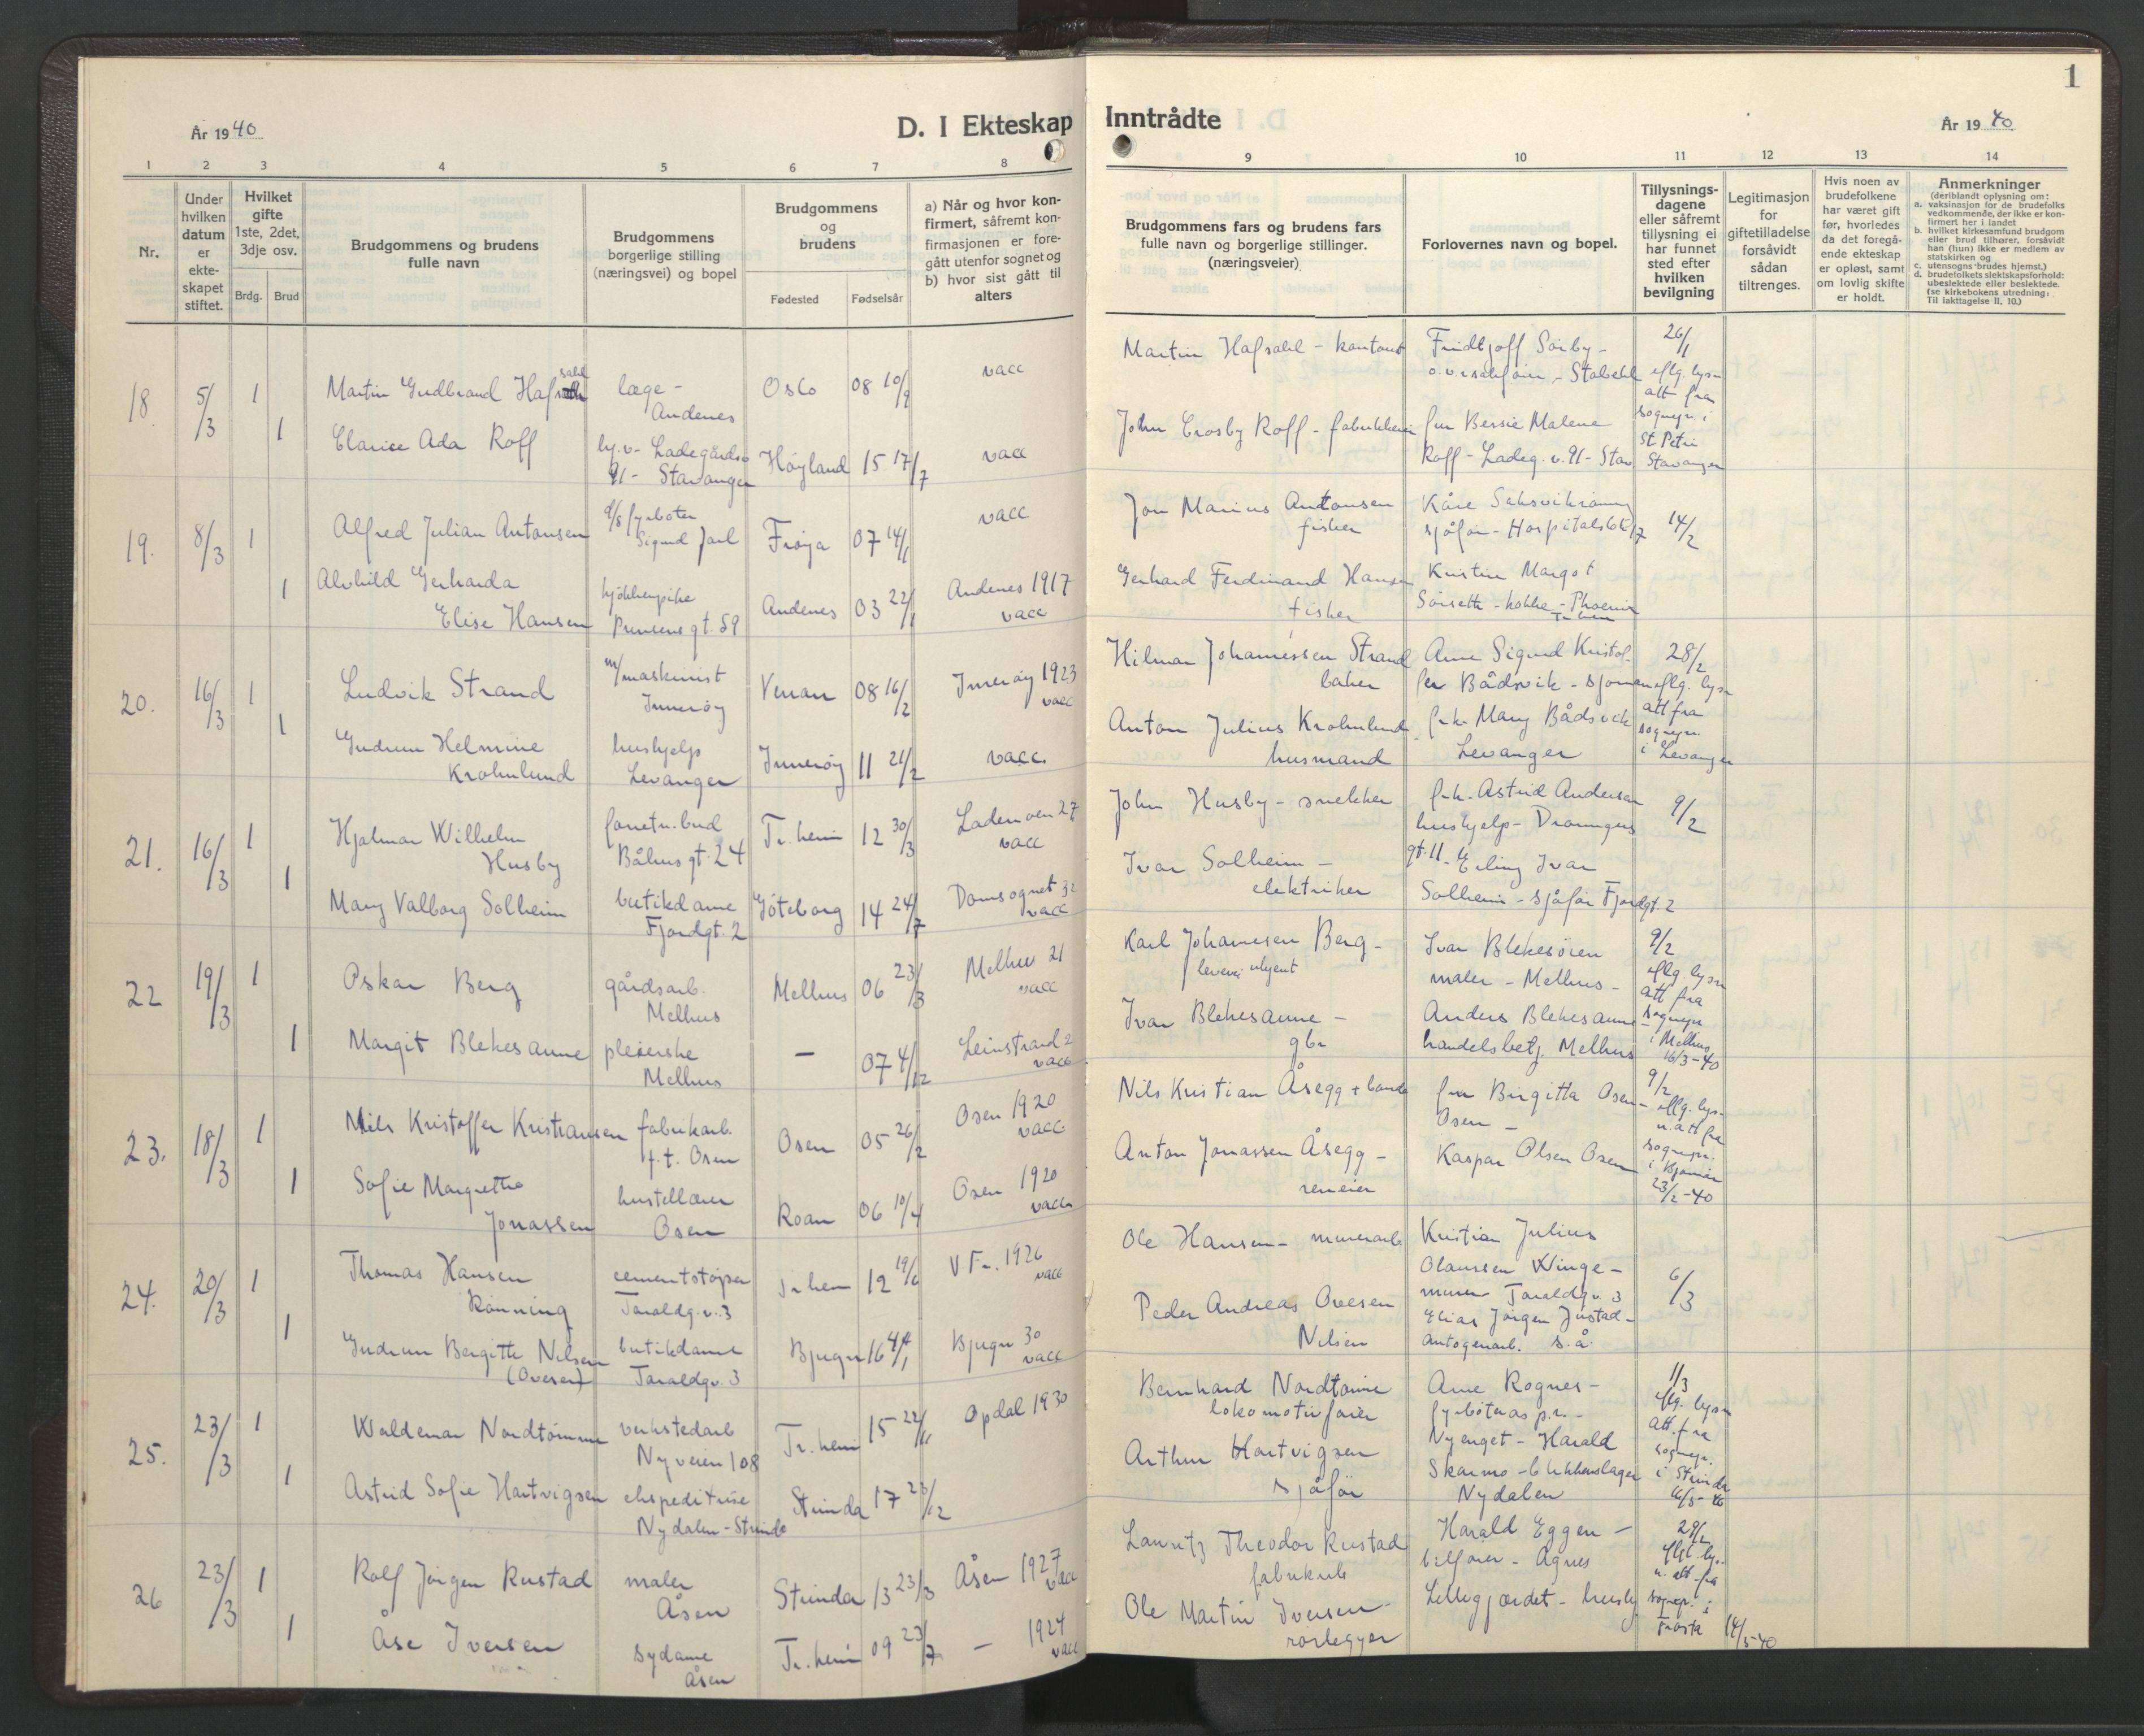 SAT, Ministerialprotokoller, klokkerbøker og fødselsregistre - Sør-Trøndelag, 602/L0154: Klokkerbok nr. 602C22, 1940-1947, s. 1